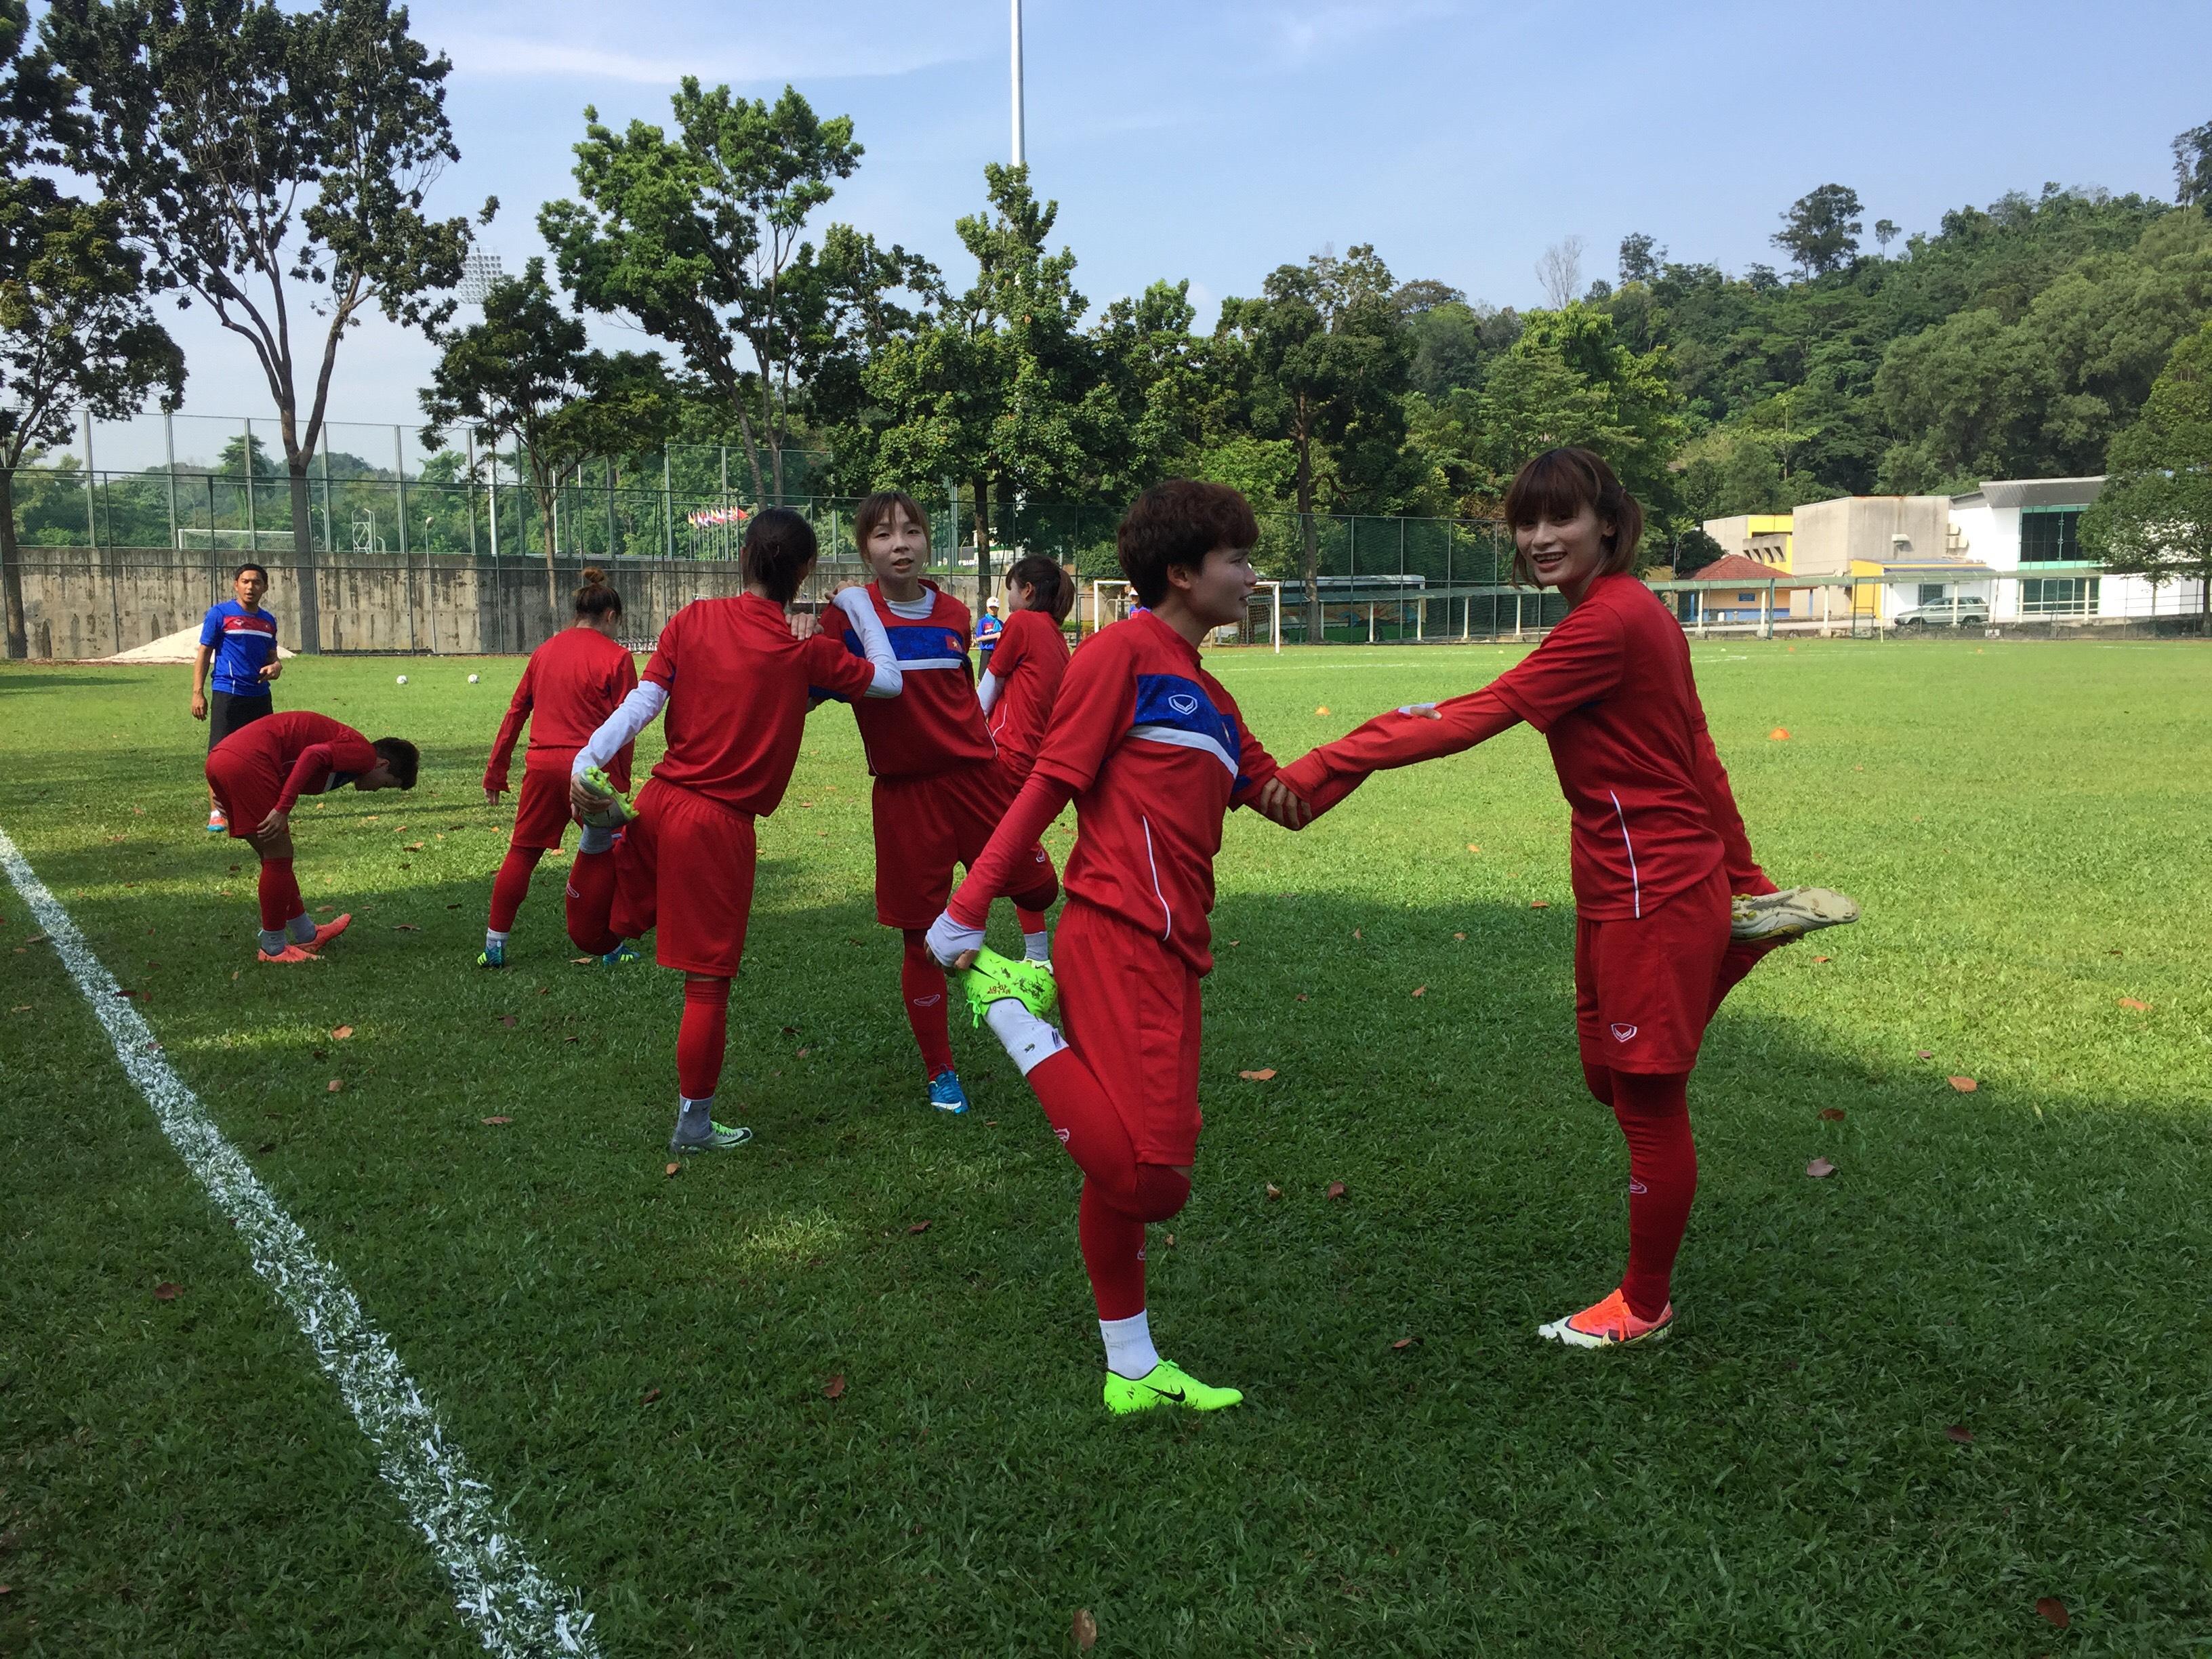 ĐT nữ Việt Nam chuẩn bị cho trận đấu với tuyển nữ Thái Lan: Nước rút